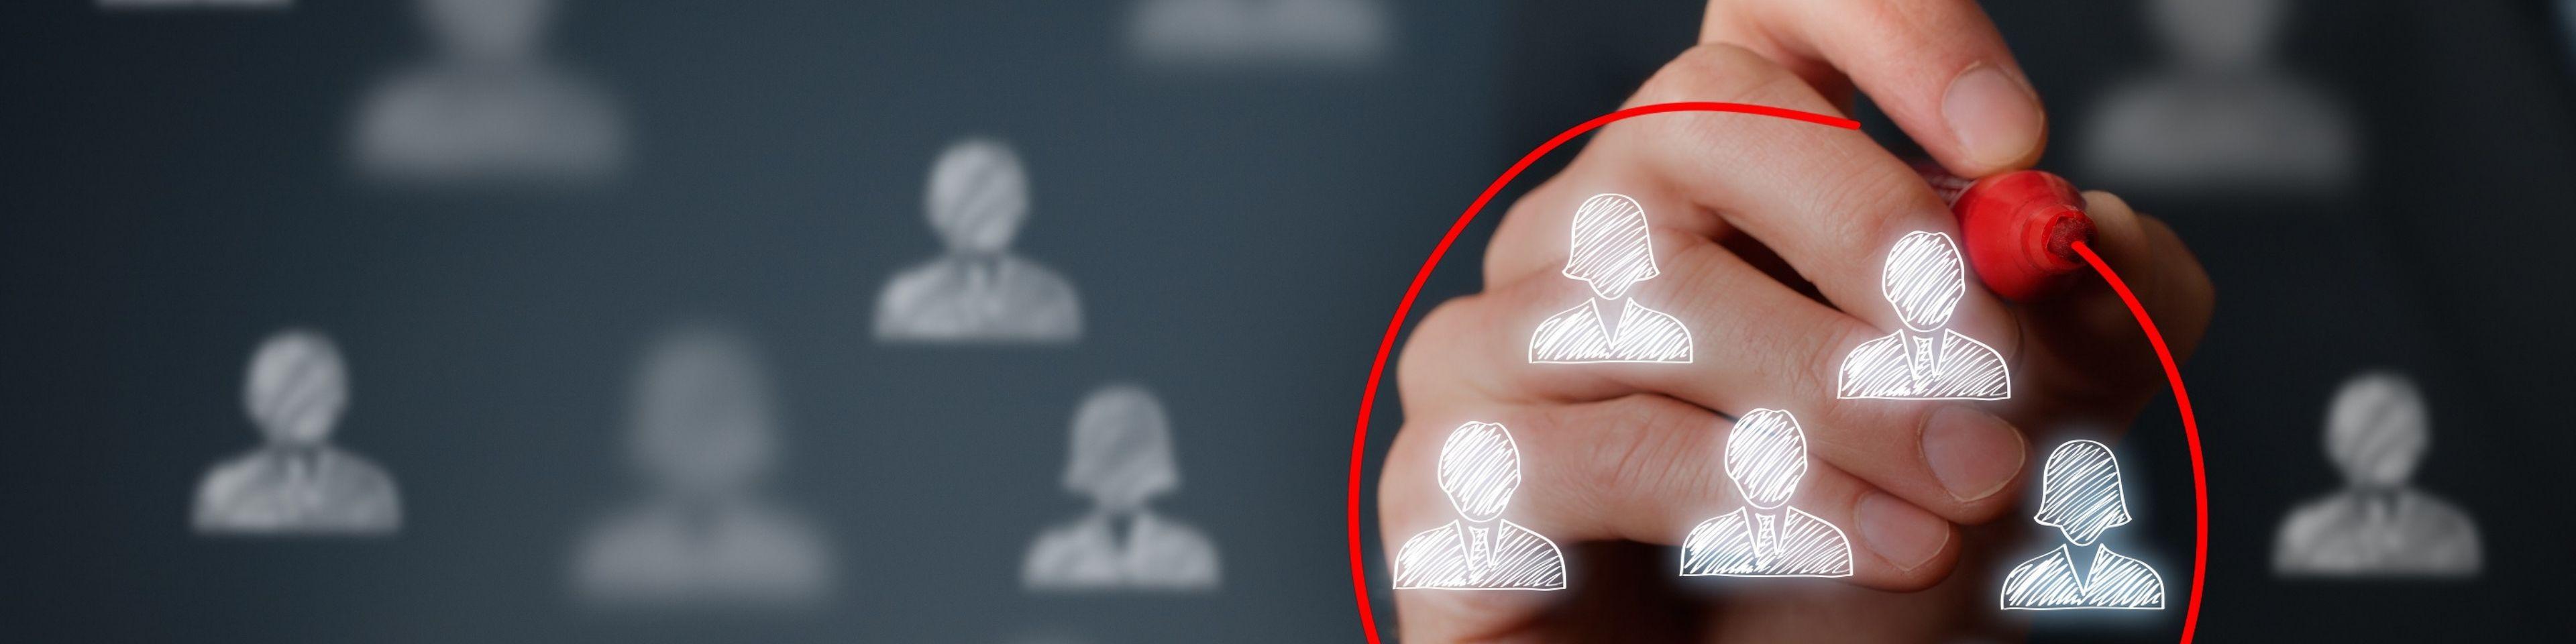 Digitalizacja kancelarii prawnej oraz praca w chmurze